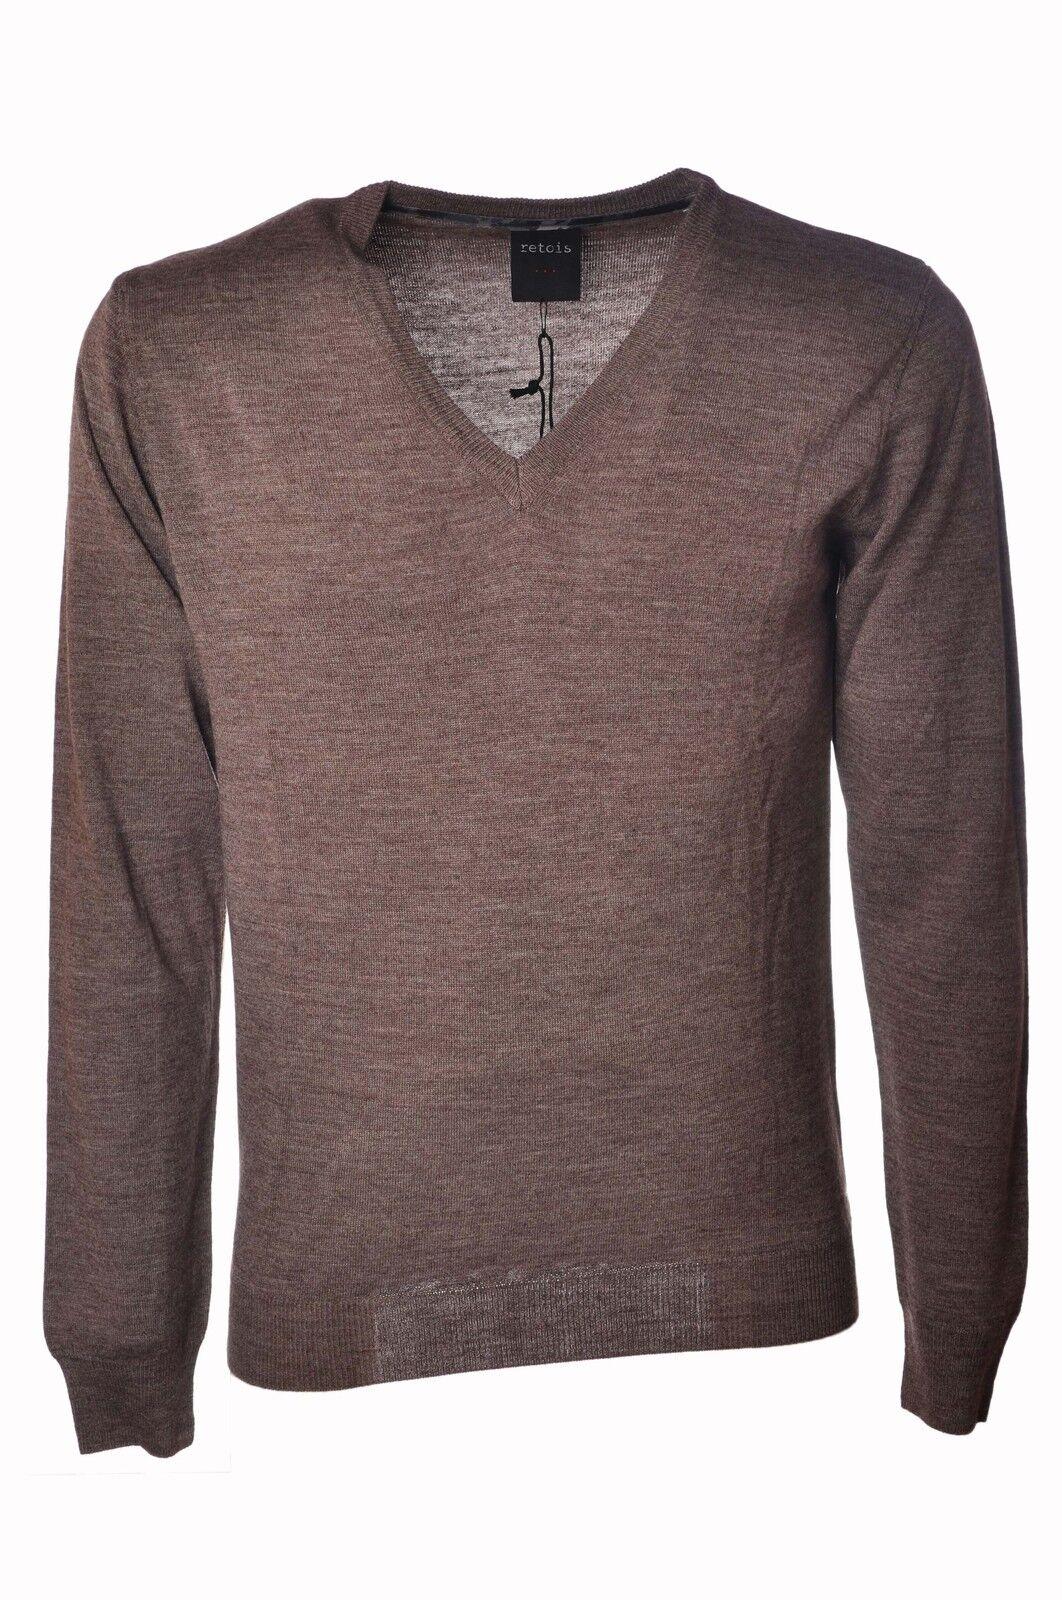 Retois  -  Sweaters - Male - Brown - 3858430N173705